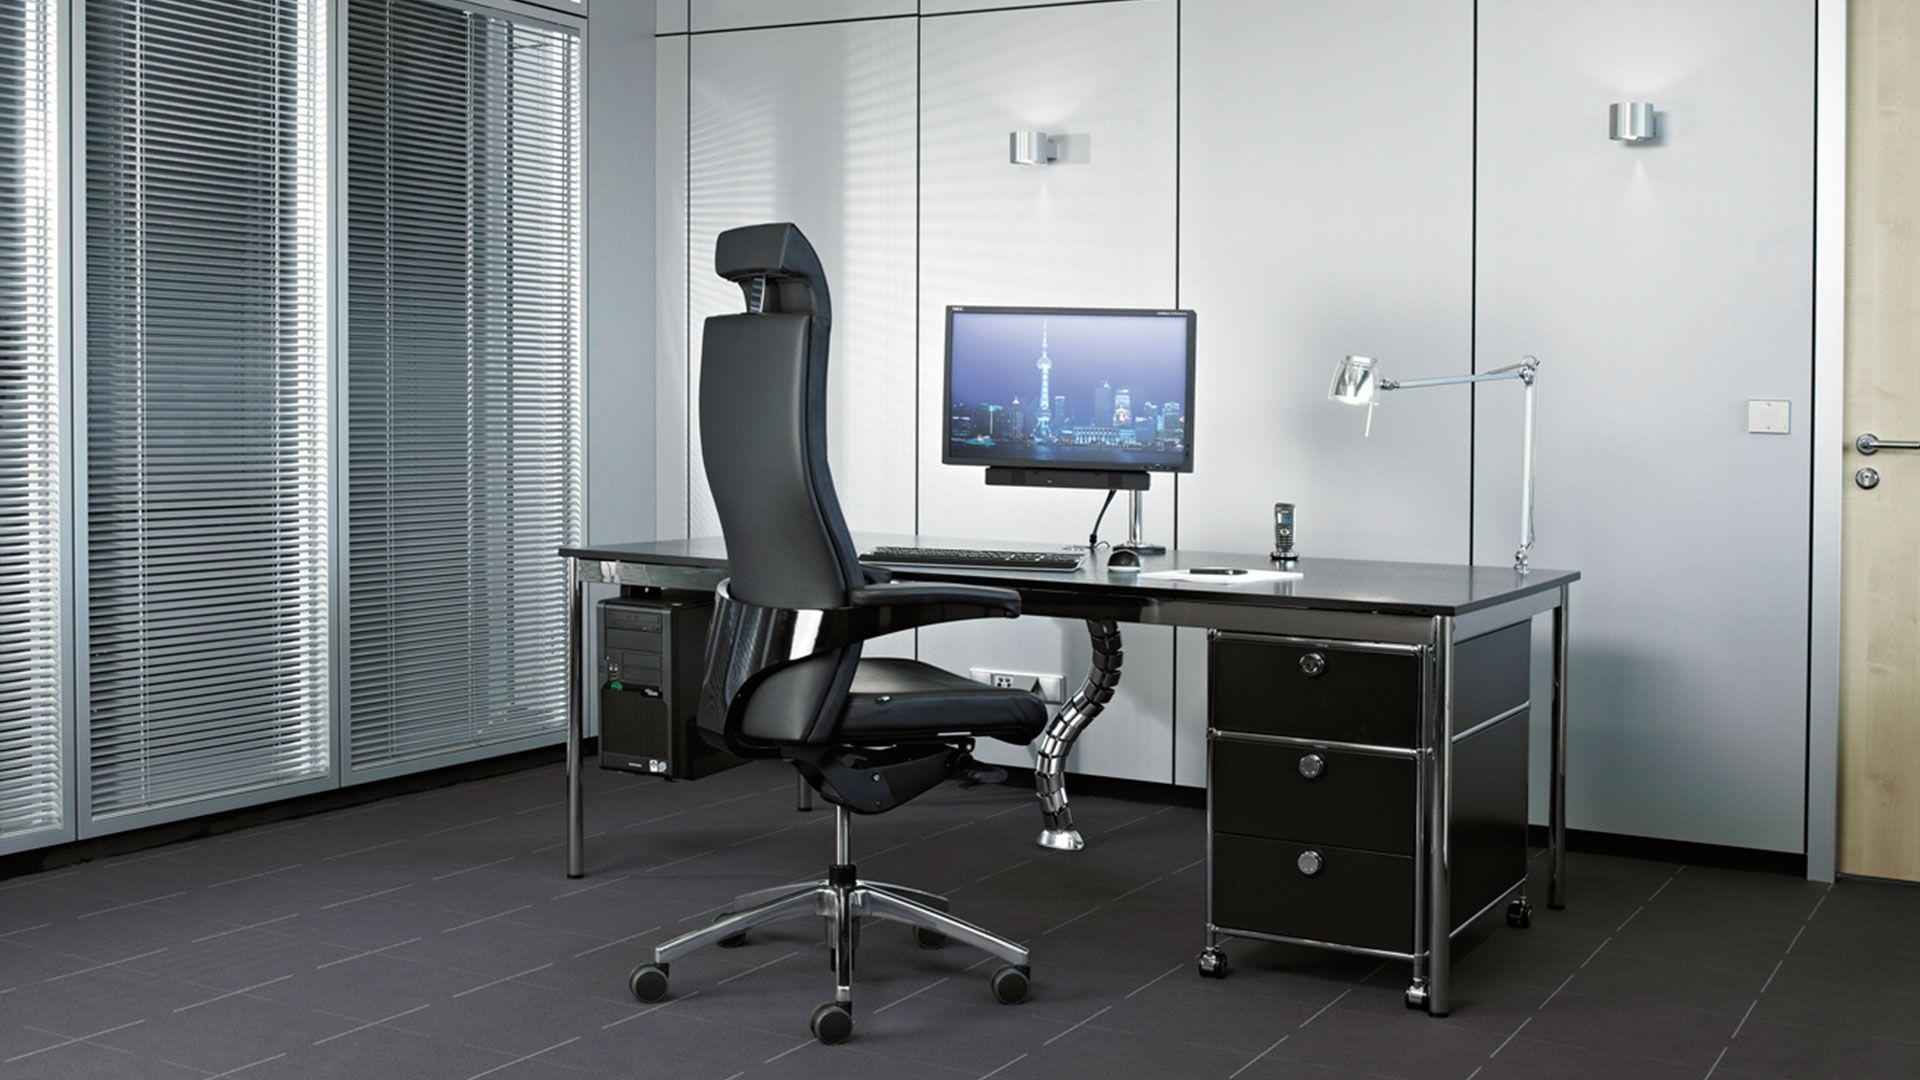 schreibtisch chefschreibtisch gr e 200 x 100 cm mit schwarzer echtholz tischplatte schreibt. Black Bedroom Furniture Sets. Home Design Ideas